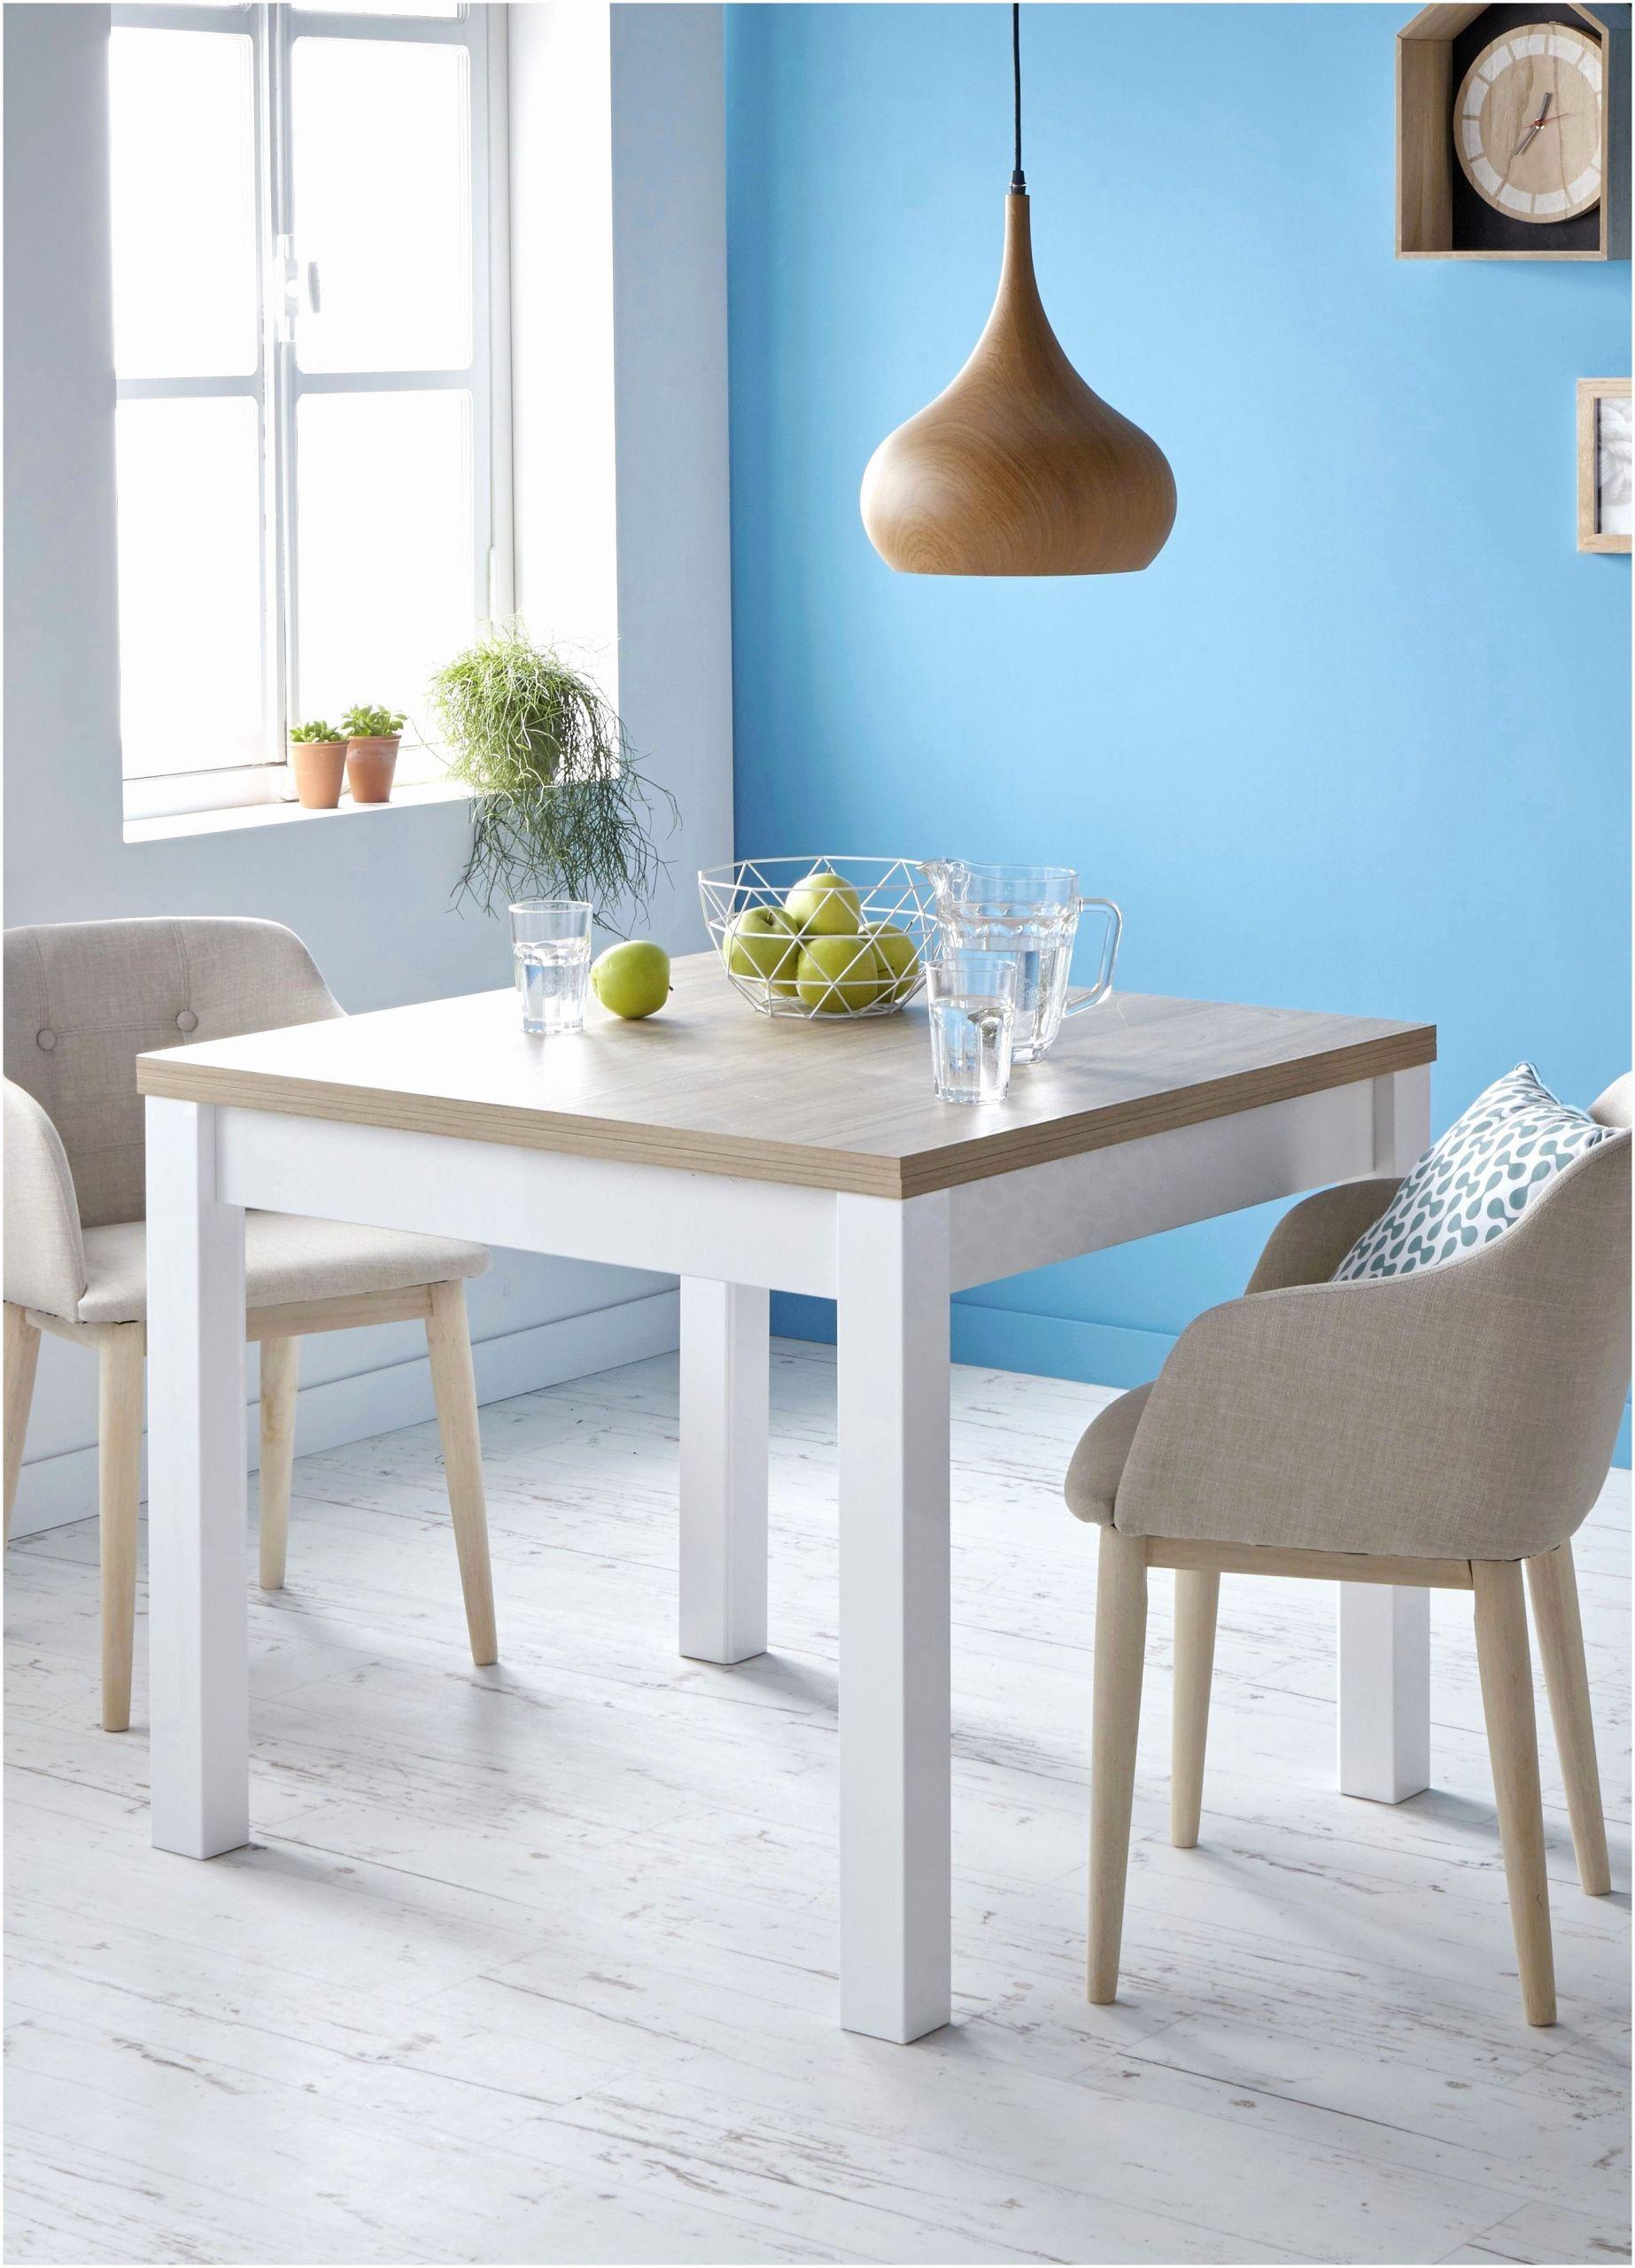 meuble de sejour meuble sejour contemporain table type industriel nouveau chaise of meuble de sejour